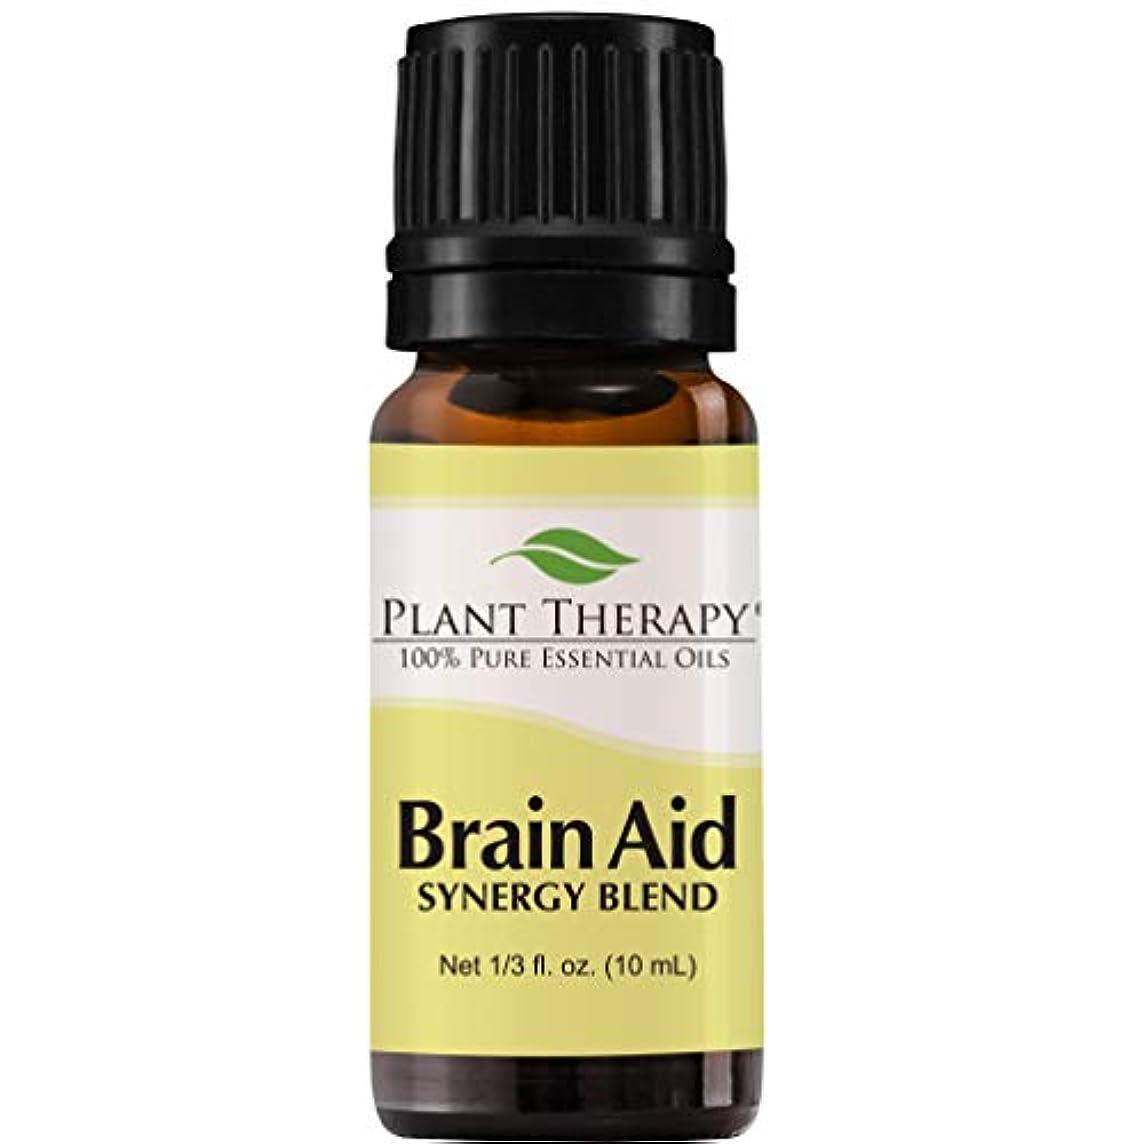 喉が渇いた接続税金脳援助シナジー(精神的な焦点と明確にするため)。エッセンシャルオイルブレンド。 10ミリリットル(1/3オンス)。 100%ピュア、希釈していない、治療グレード。